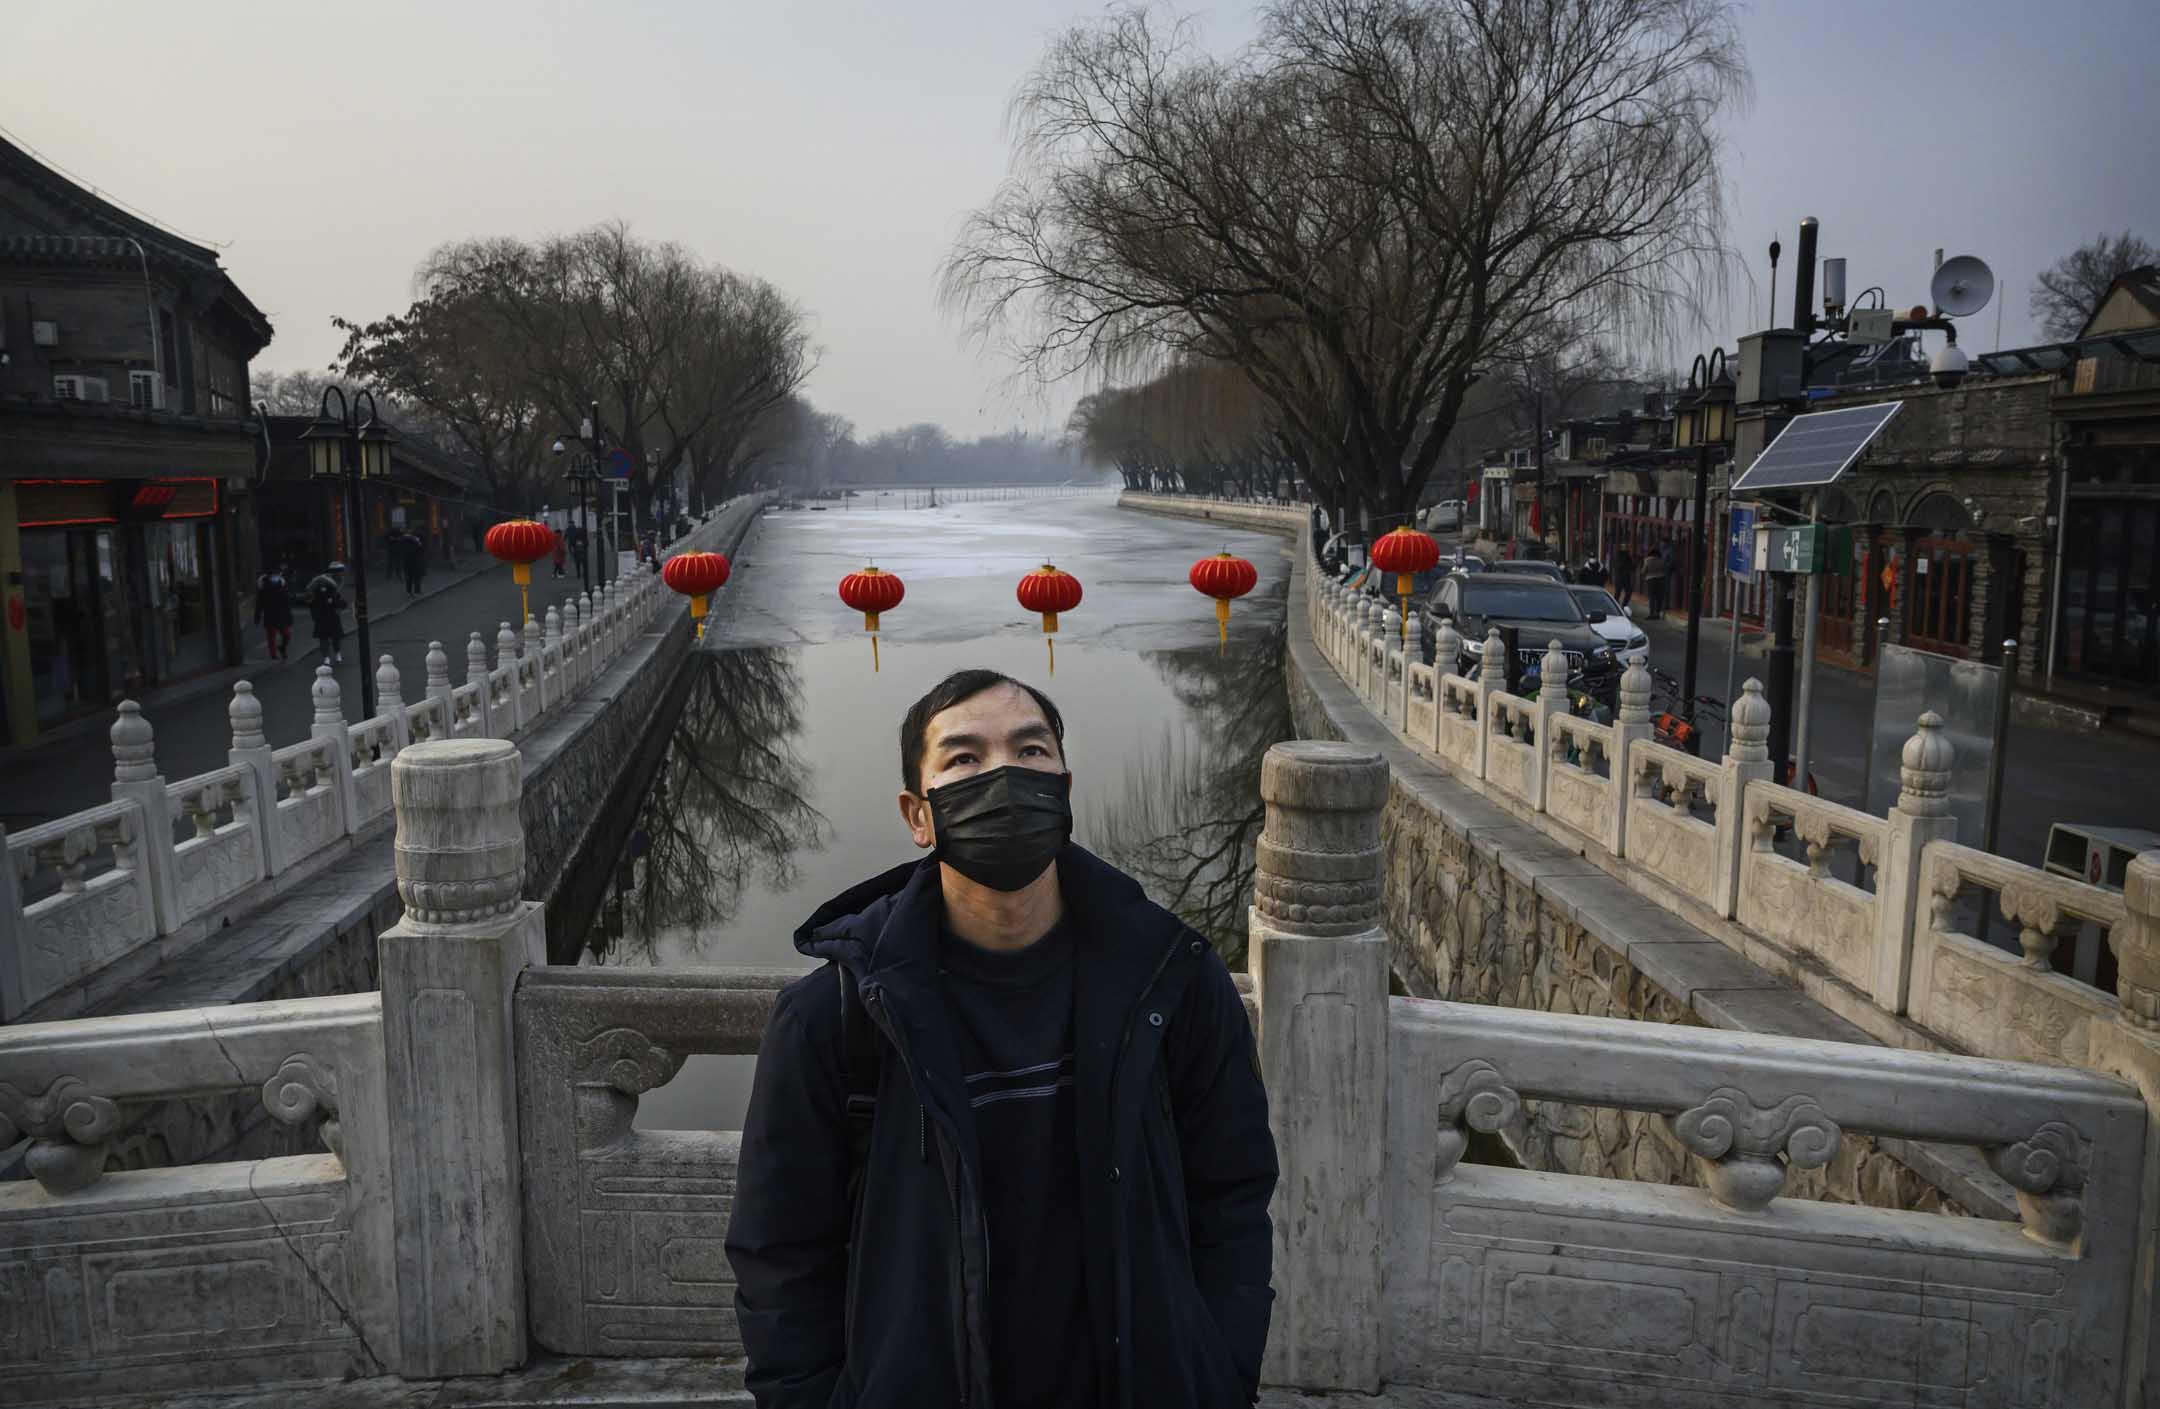 2020年1月26日,春節期間,一名男子站在后海的一座橋上戴著防護口罩。